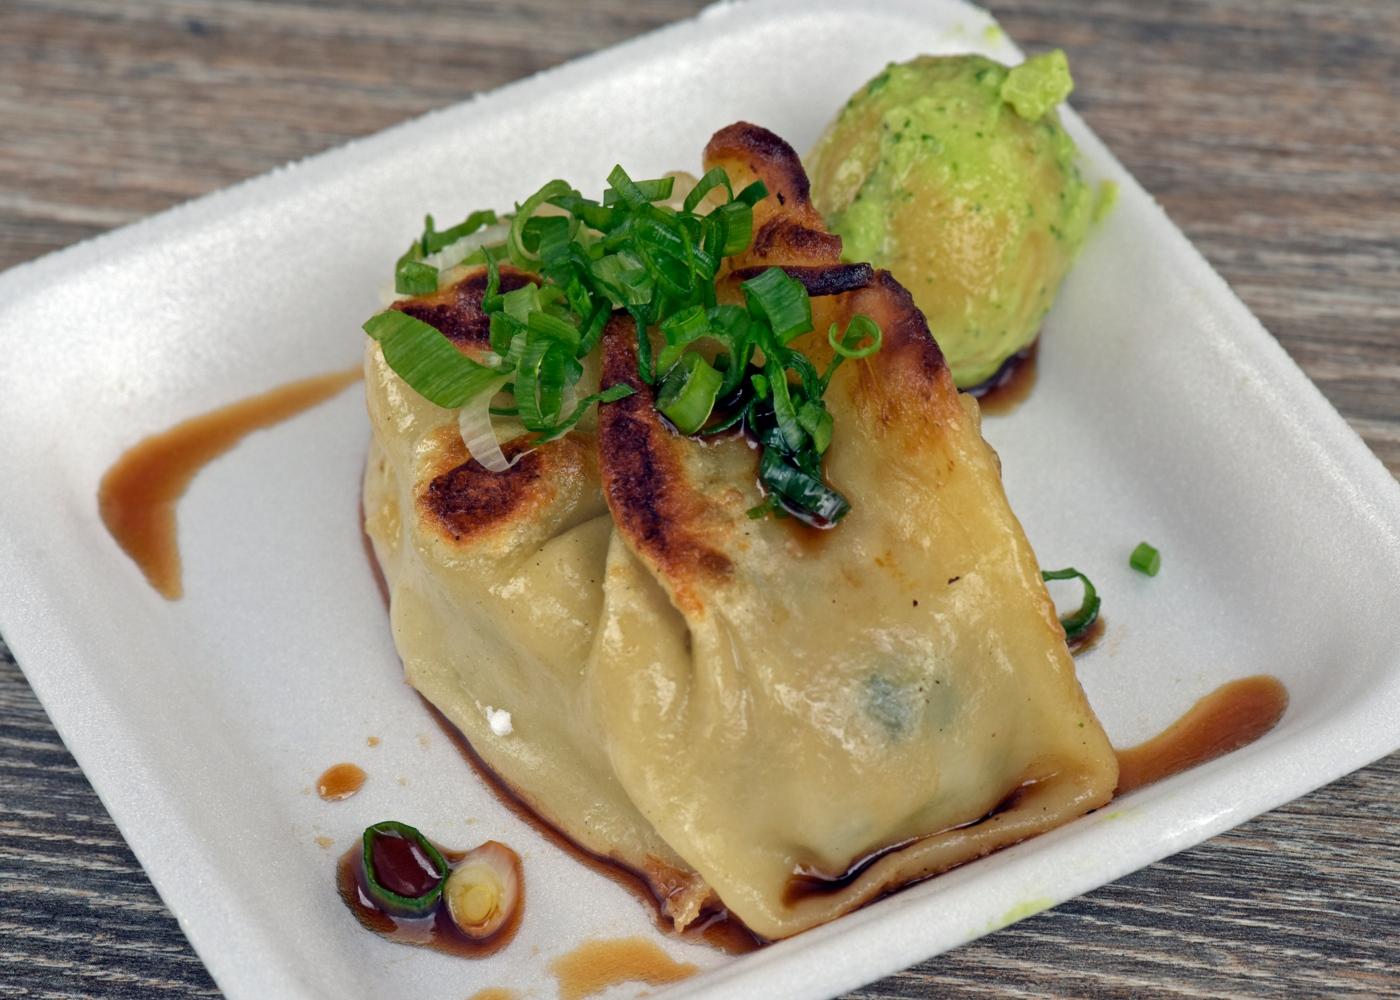 Guioza de carne servida num prato com wasabi